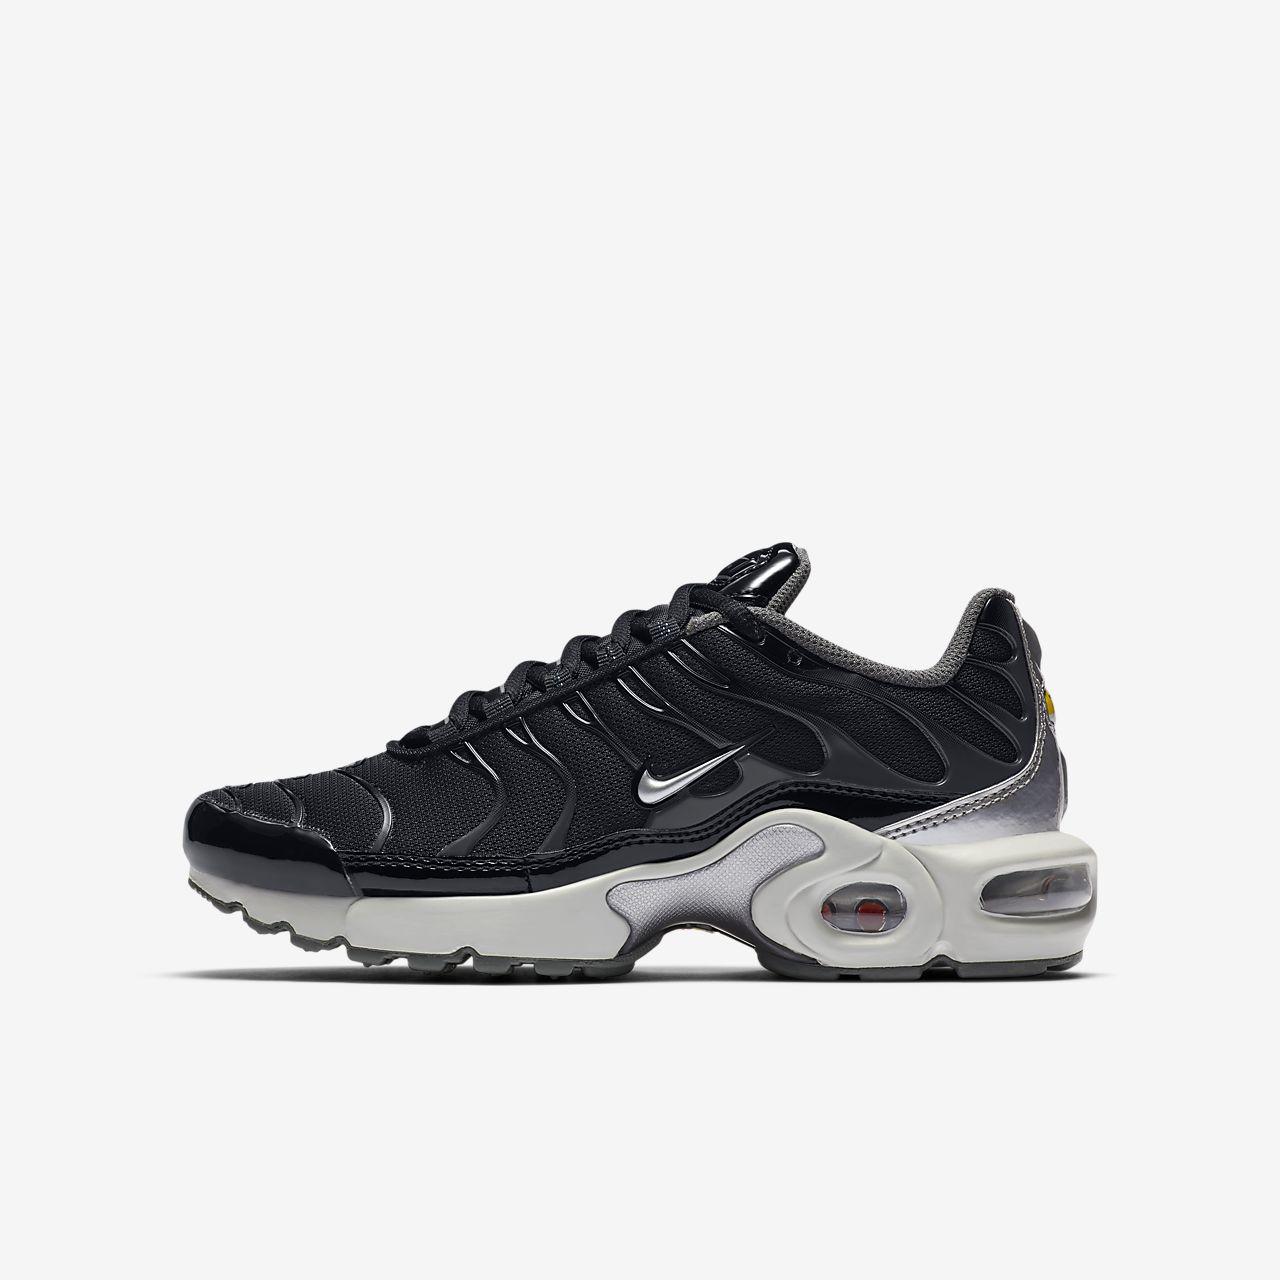 size 40 813a1 114be ... Chaussure Nike Air Max Plus Y2K pour Enfant plus âgé